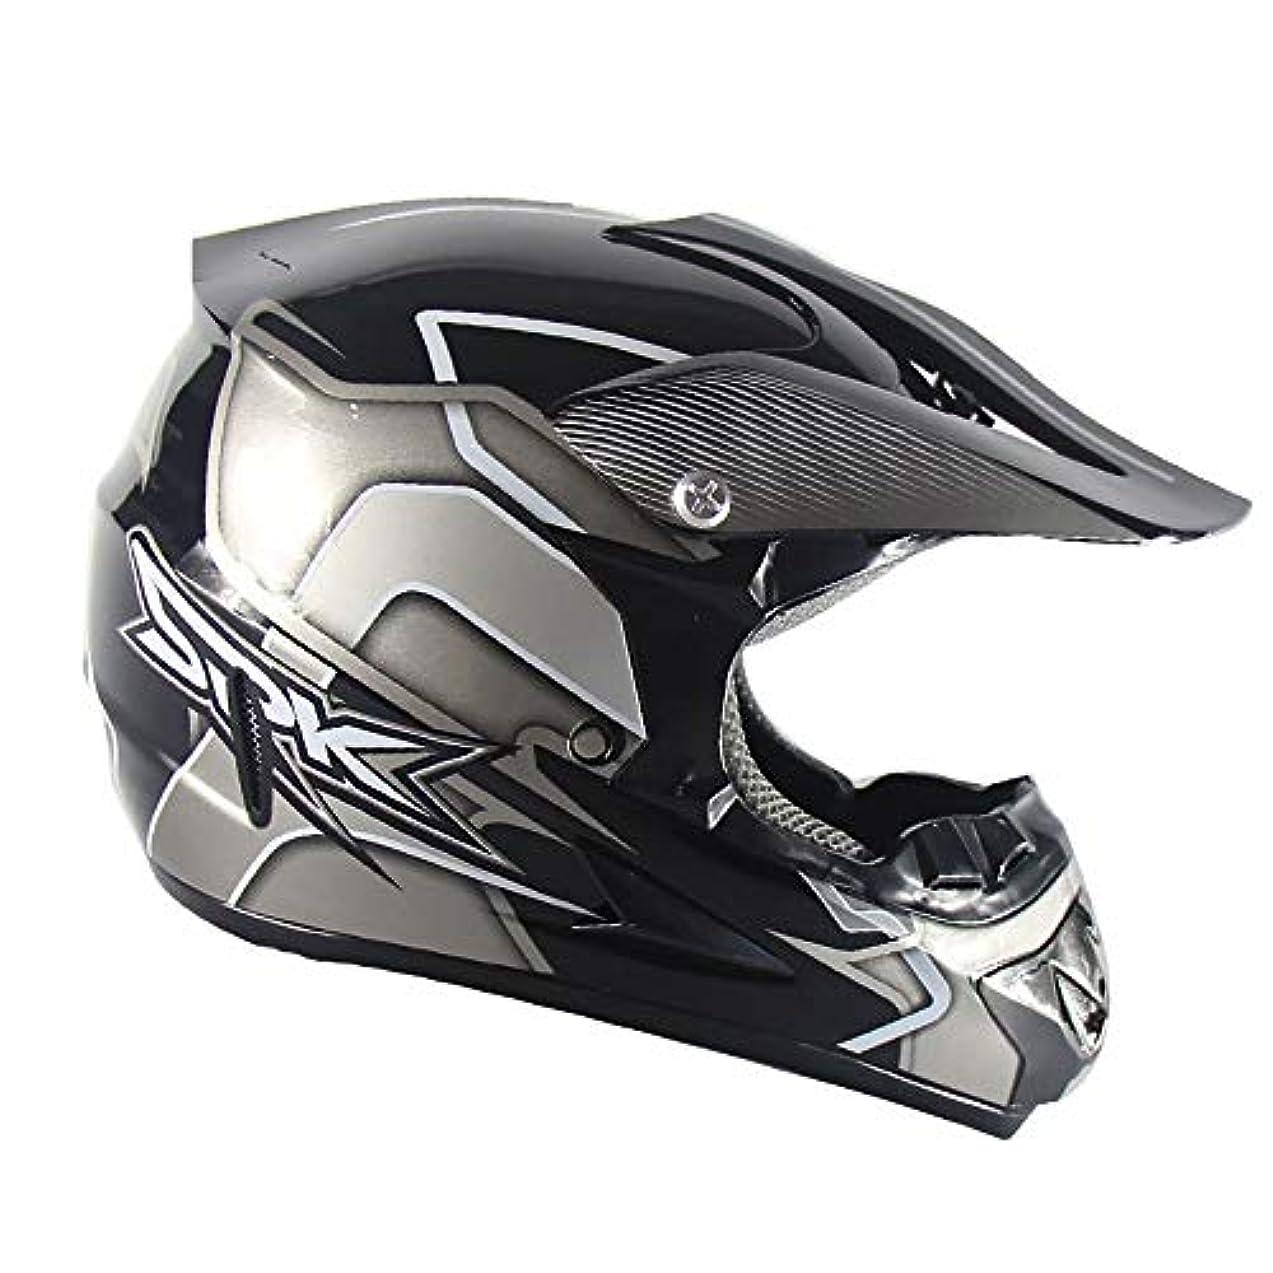 影響力のある無線姓TOMSSL高品質 オフロードマウンテンフルフェイスオートバイヘルメットクラシック自転車レーシングヘルメットオートバイクロスカントリーマウンテンバイクヘルメットレッド/シルバー (色 : Silver, Size : L)